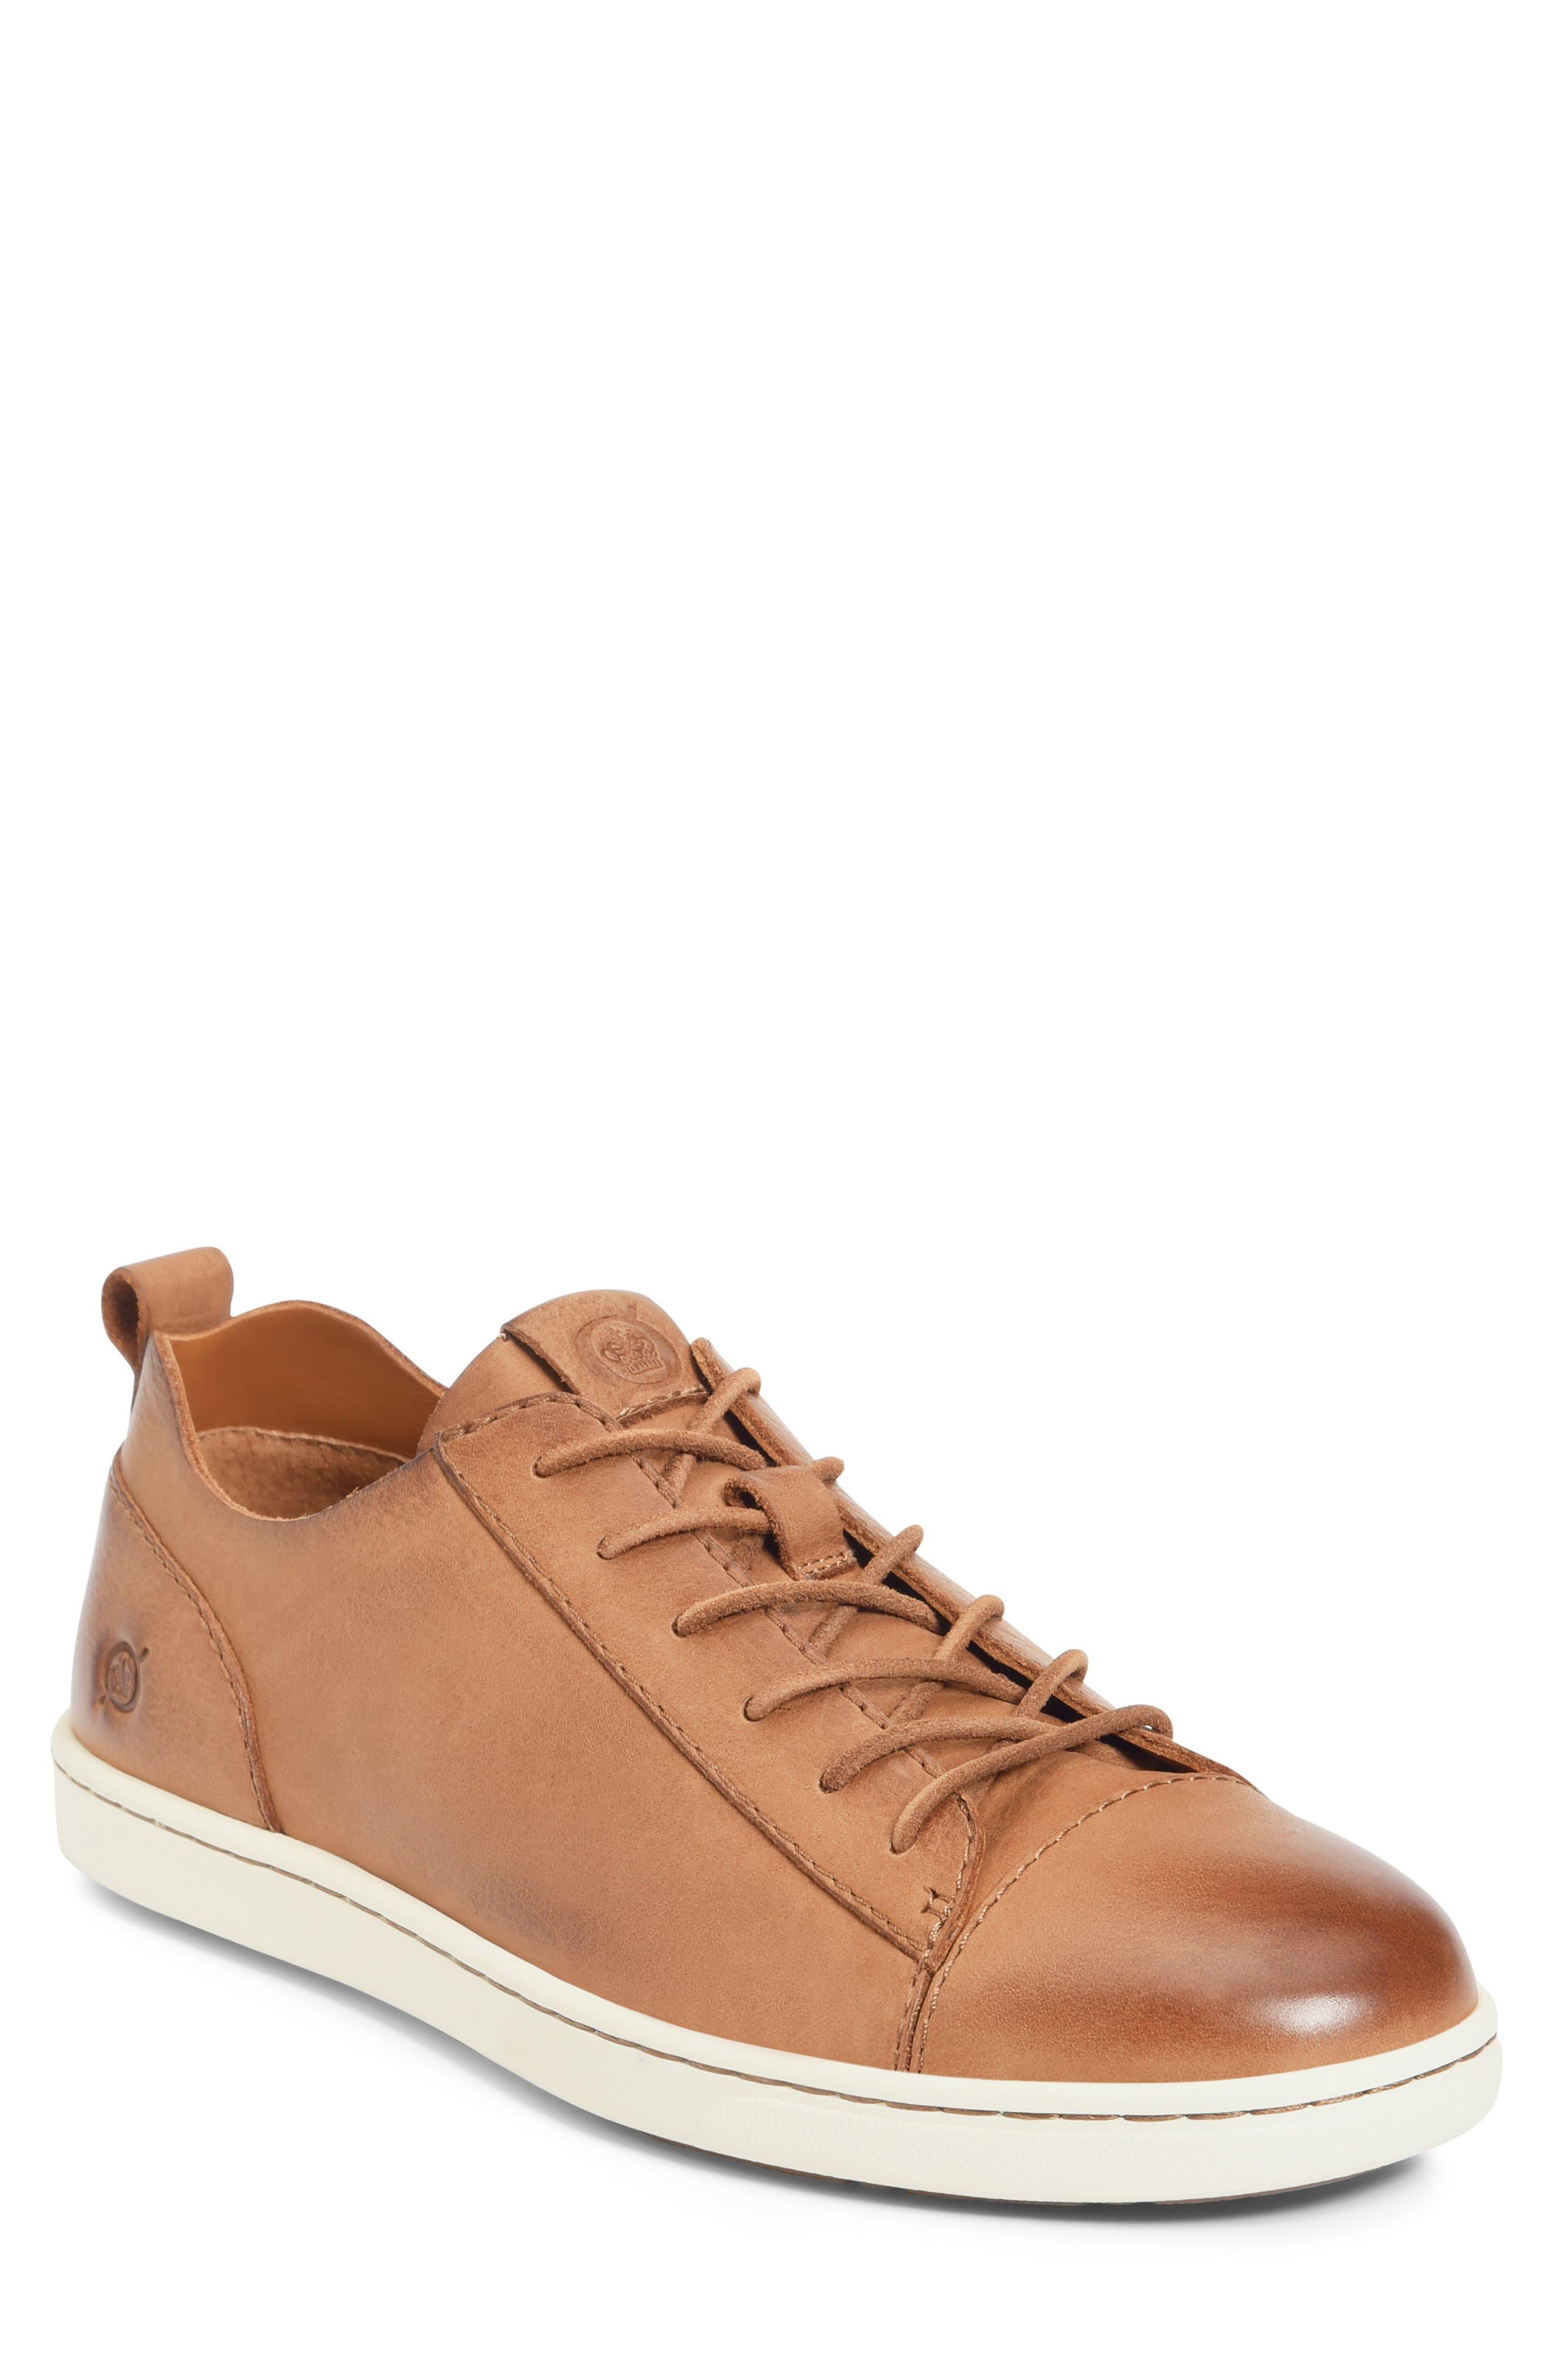 Men's B?rn Allegheny Luxe Sneaker